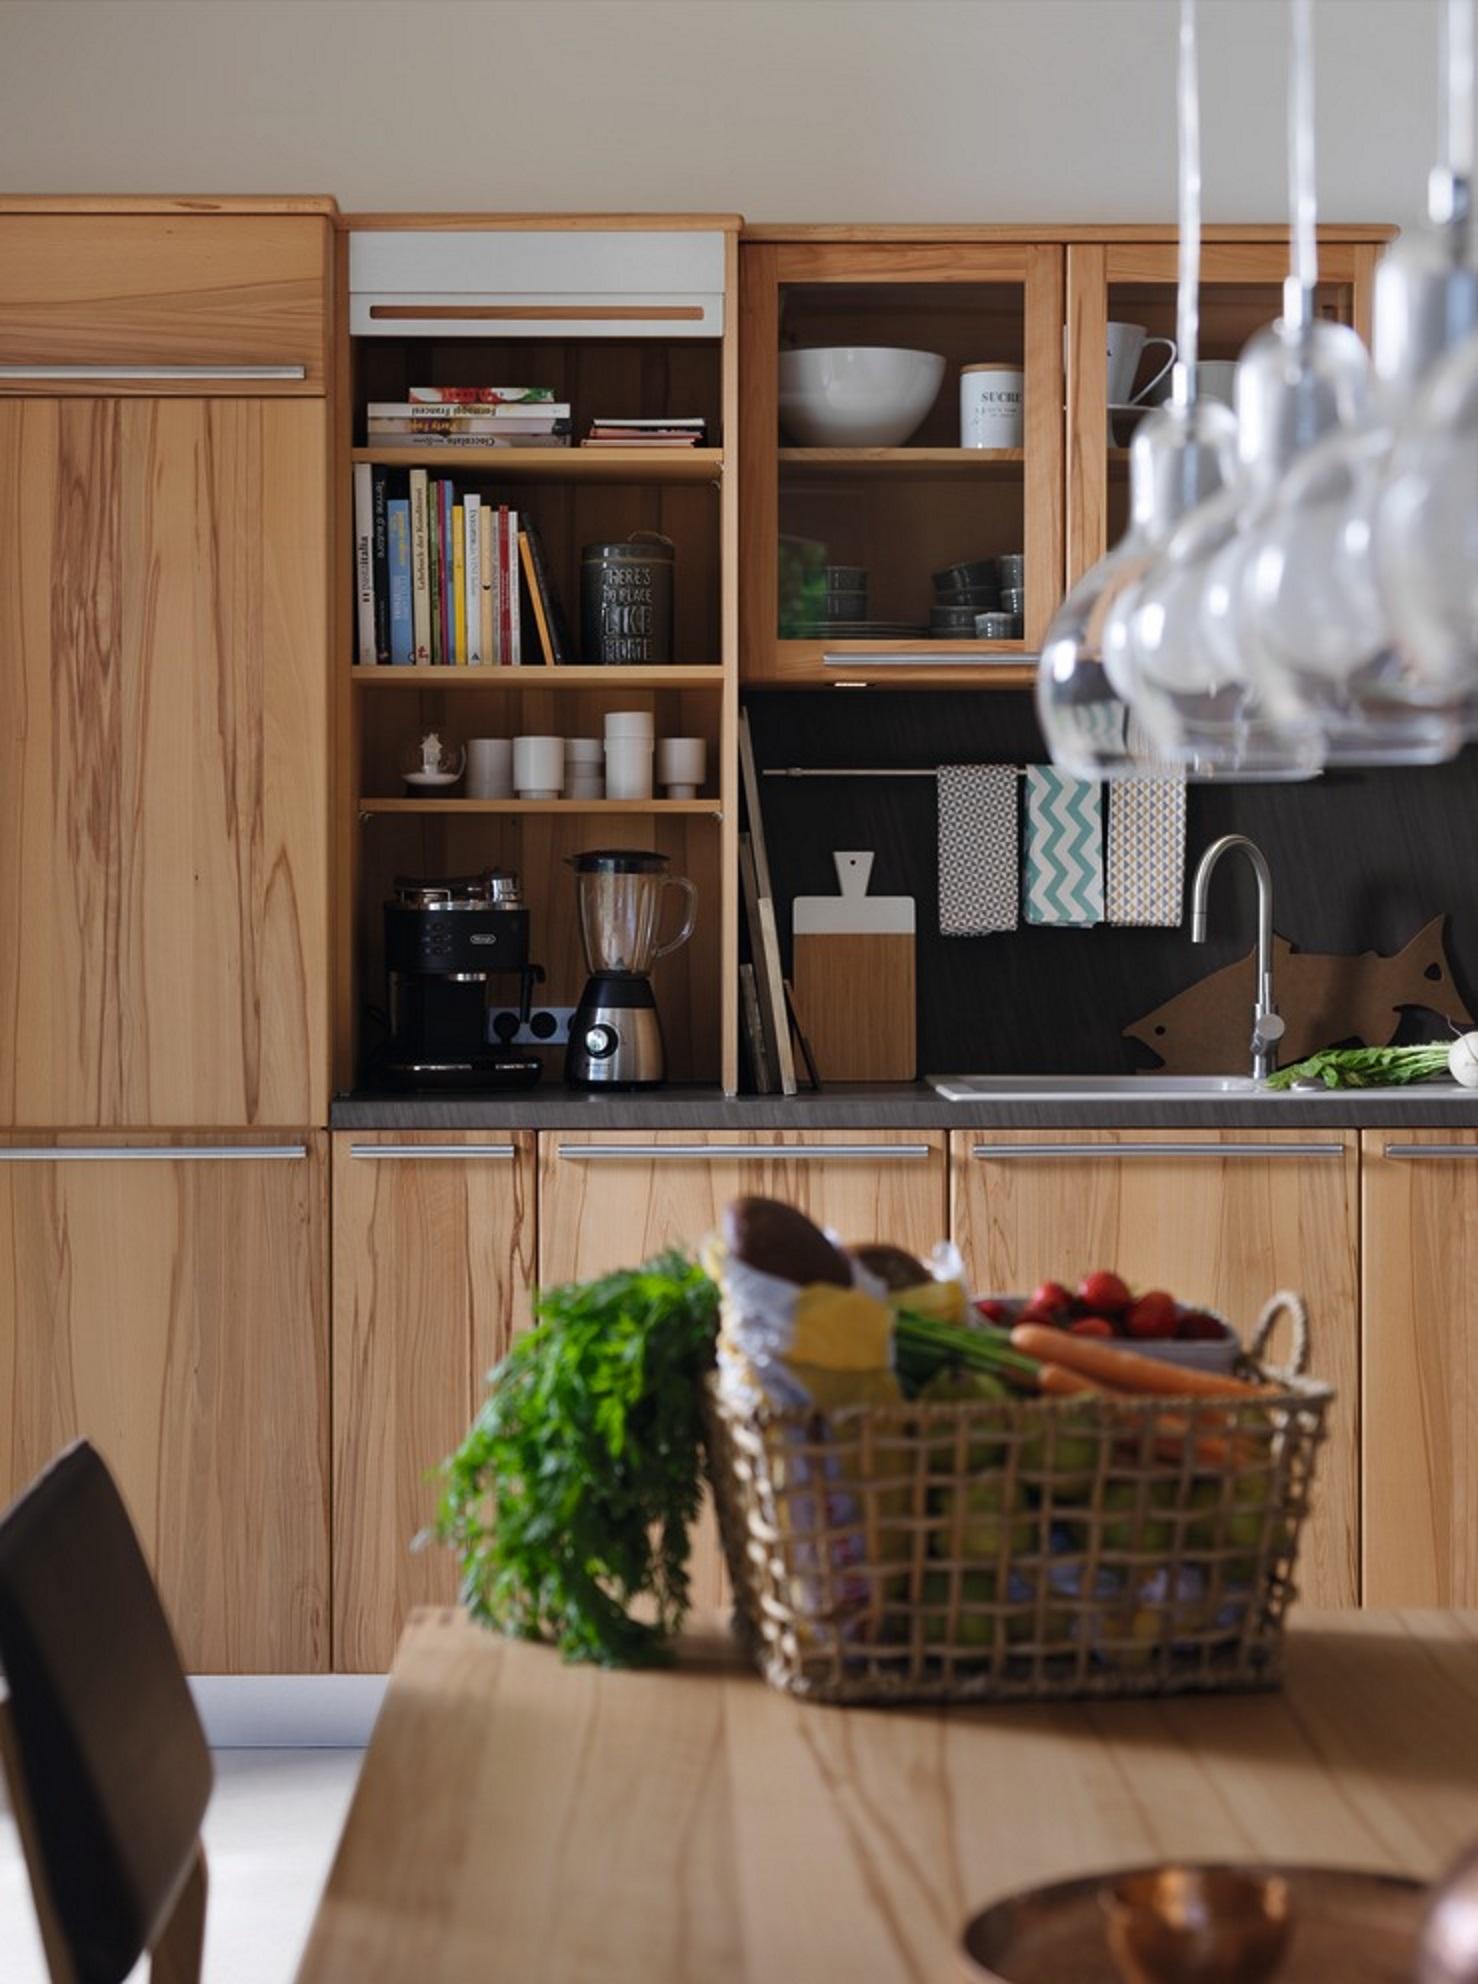 Full Size of Aufsatzschrank Küche Fliesen Für Landküche Rolladenschrank Keramik Waschbecken Handtuchhalter Bodenbelag Granitplatten Kaufen Ikea Beistellregal Wohnzimmer Aufsatzschrank Küche